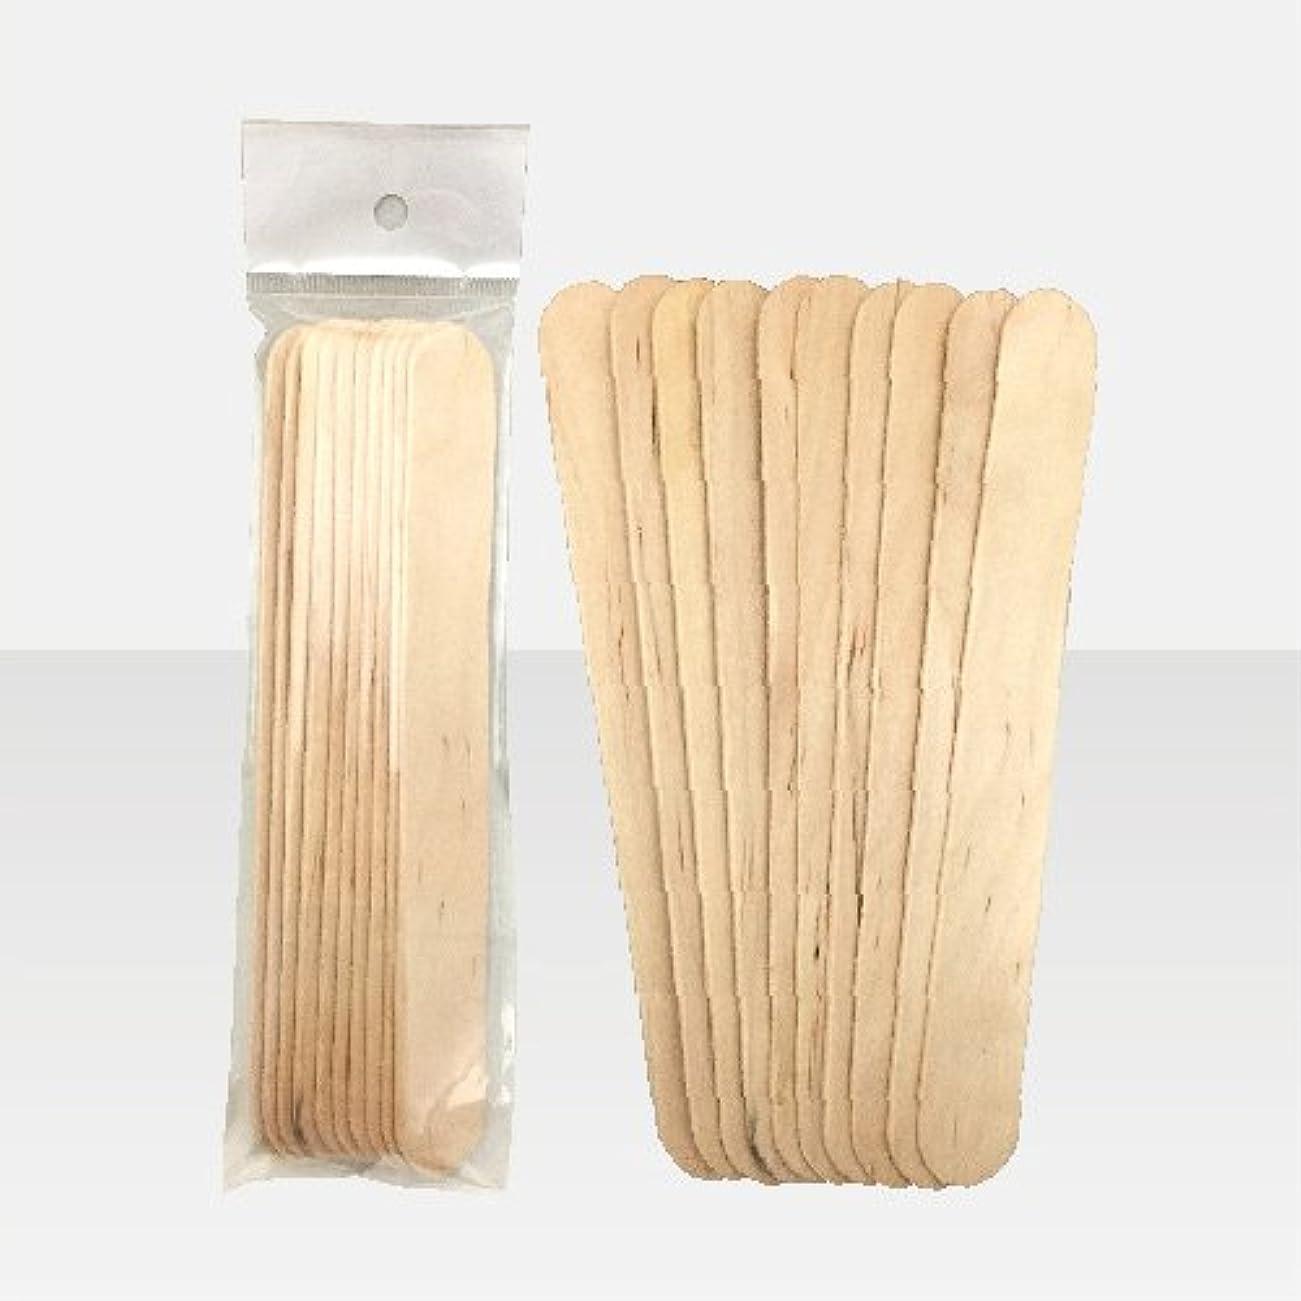 剛性前部できればブラジリアンワックス 脱毛ワックス用  ワックススパチュラ 木ベラ /10本セット Mサイズ